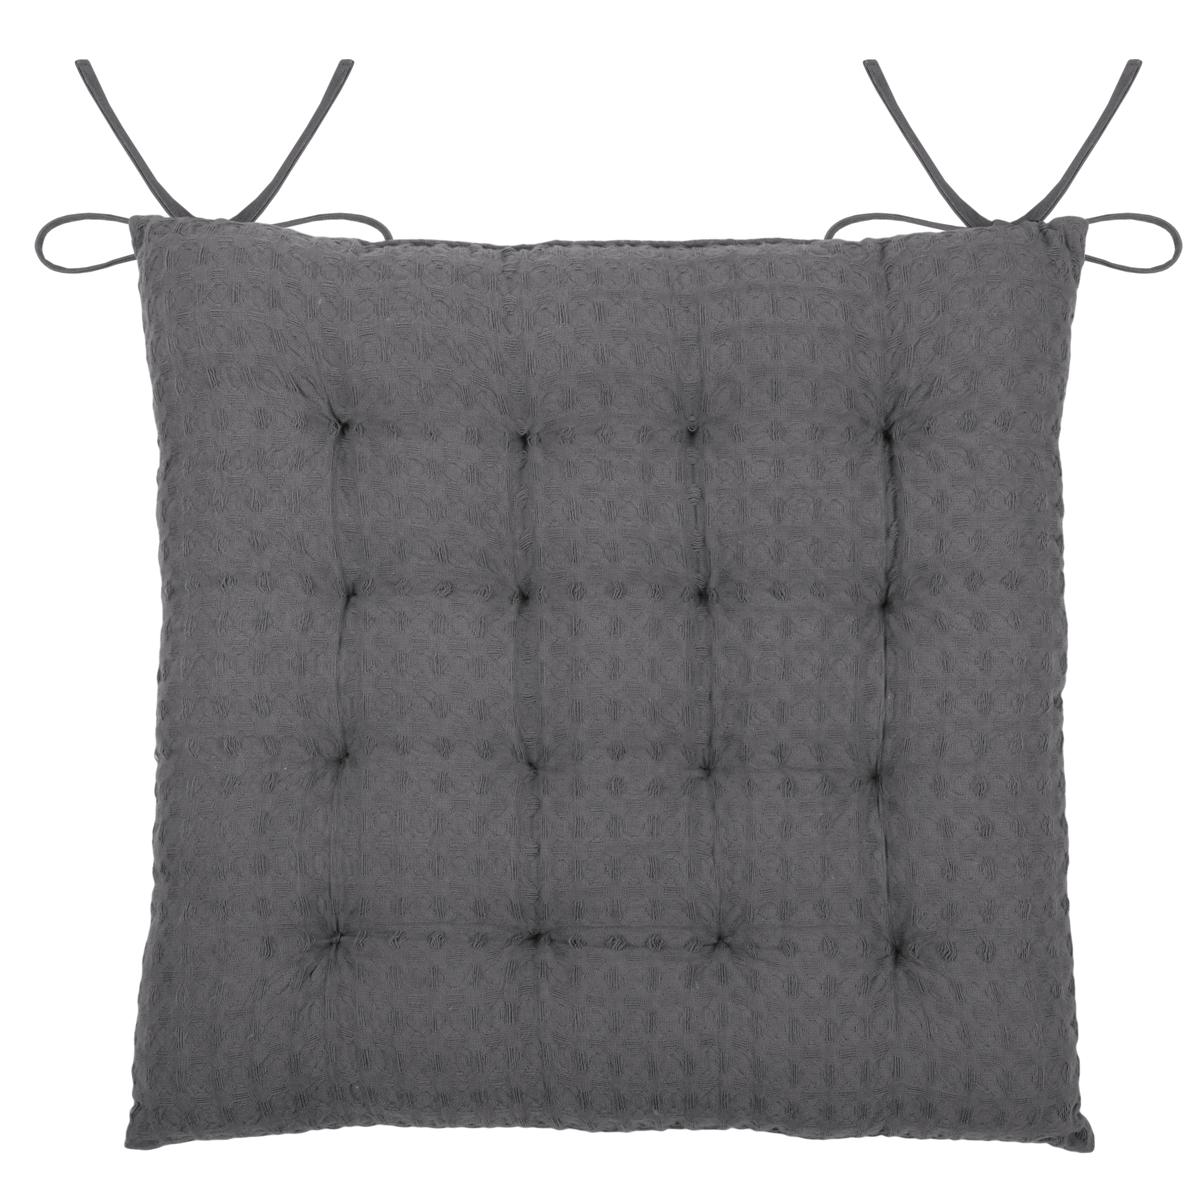 Galette de chaise matelassée en nid d'abeille coton souris 40x40